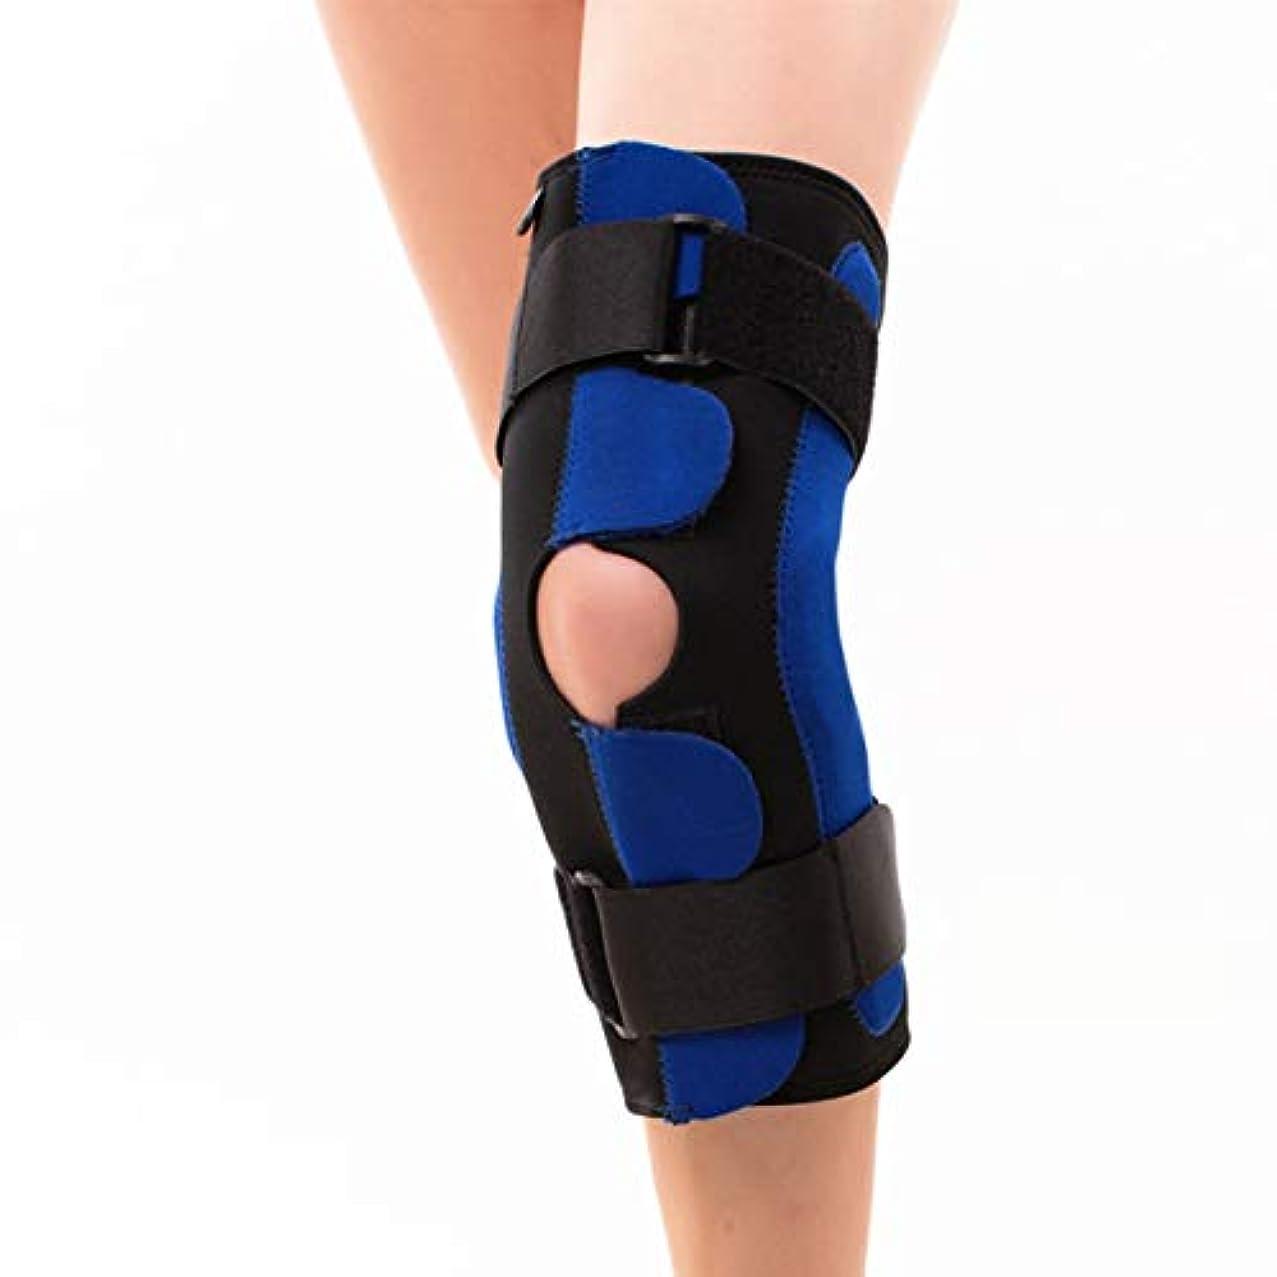 農業第五インポート屋外スポーツ膝パッド膝鋼サポートバークライミングスポーツ安全膝ブレースフィットネス保護パーツ-ブラックL